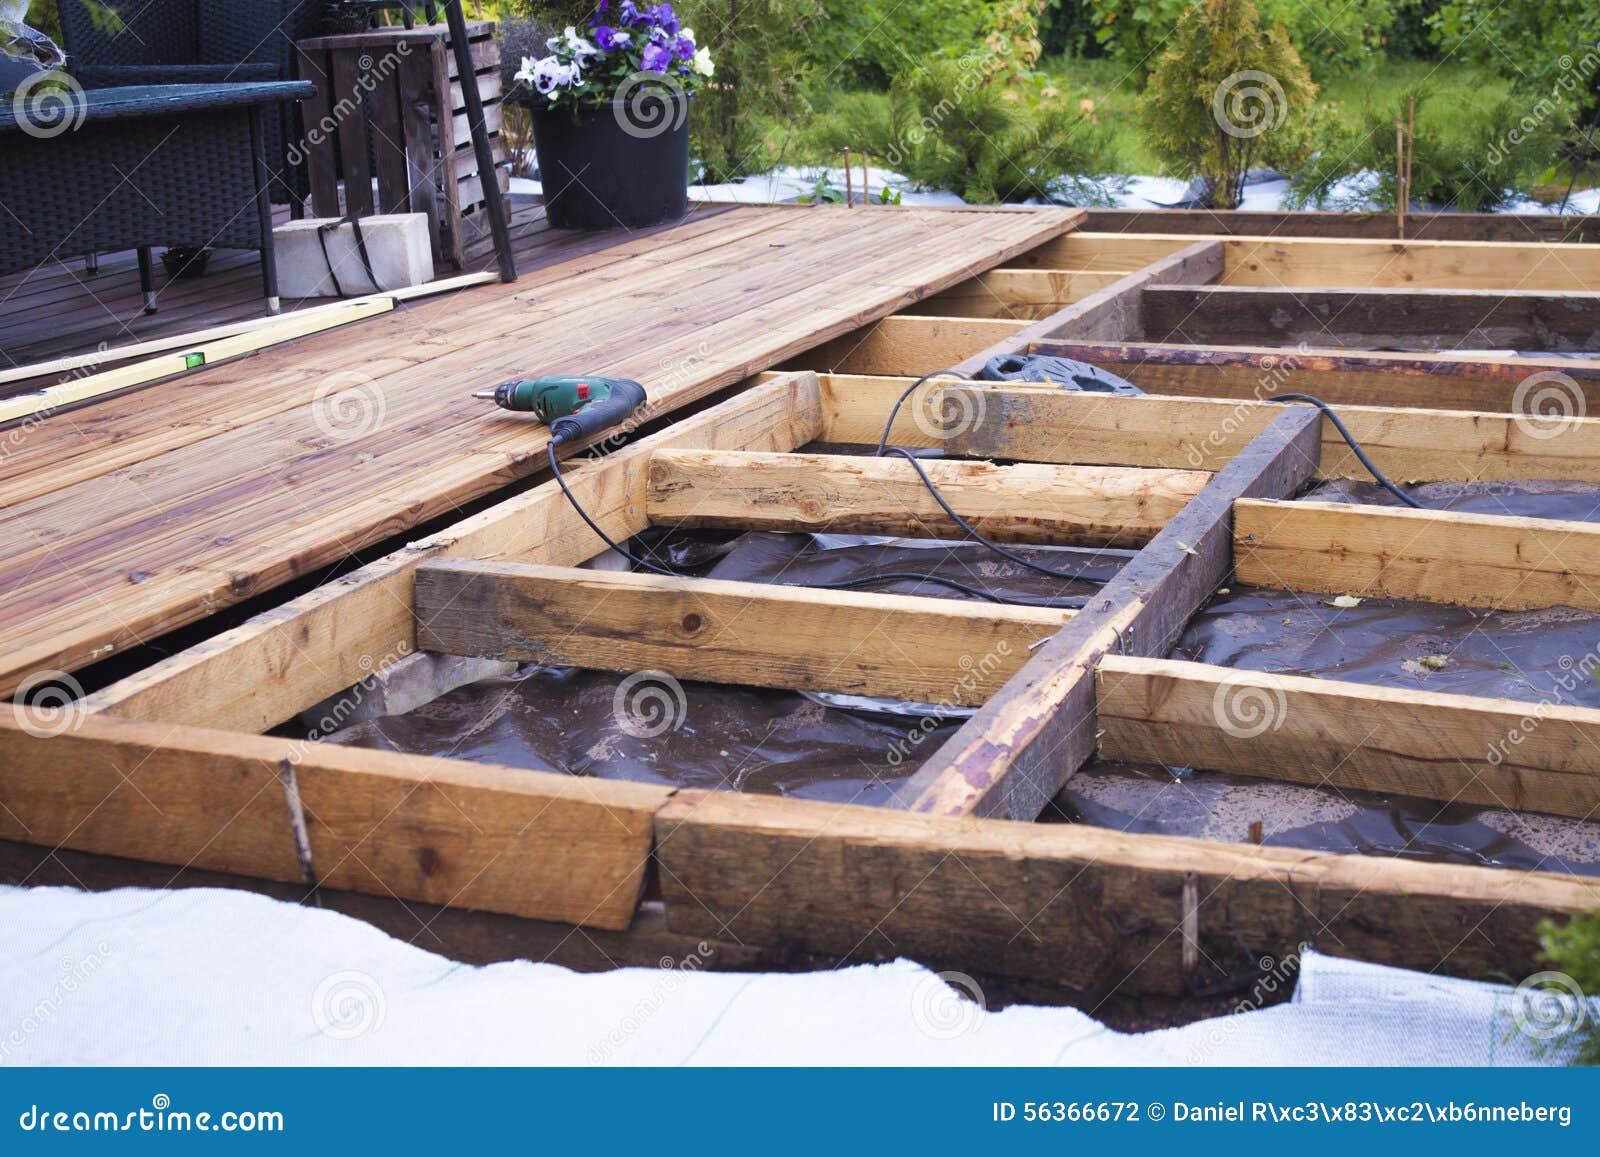 Construcción De Una Terraza De Madera Foto De Archivo